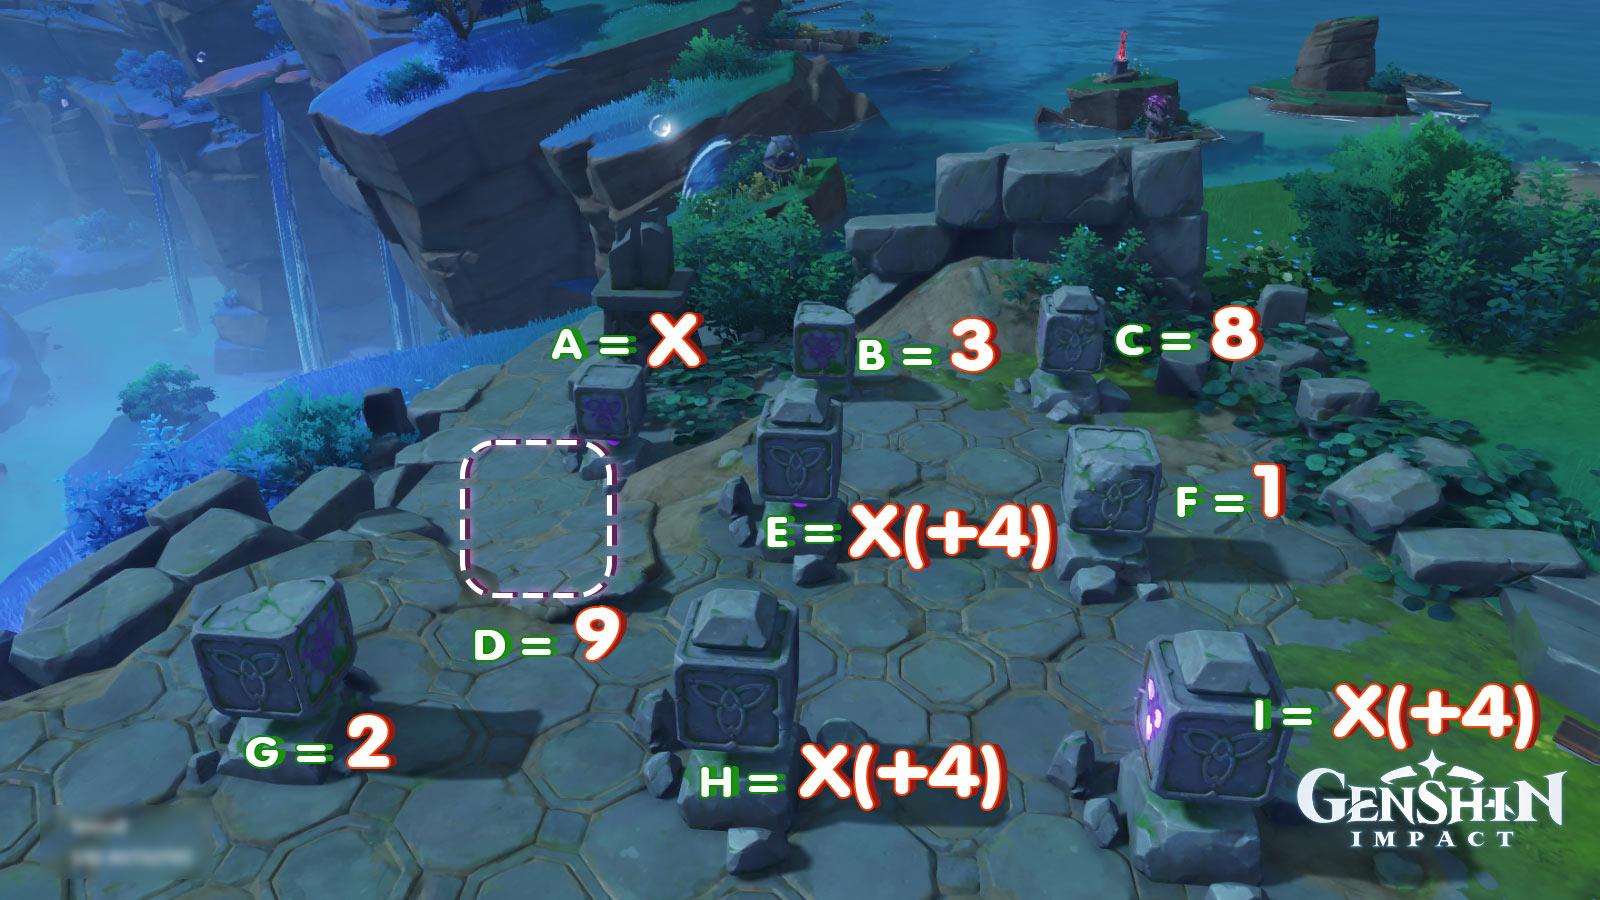 Genshin Impact ปริศนาแท่นหิน 9 ช่อง แกะข้อมูล